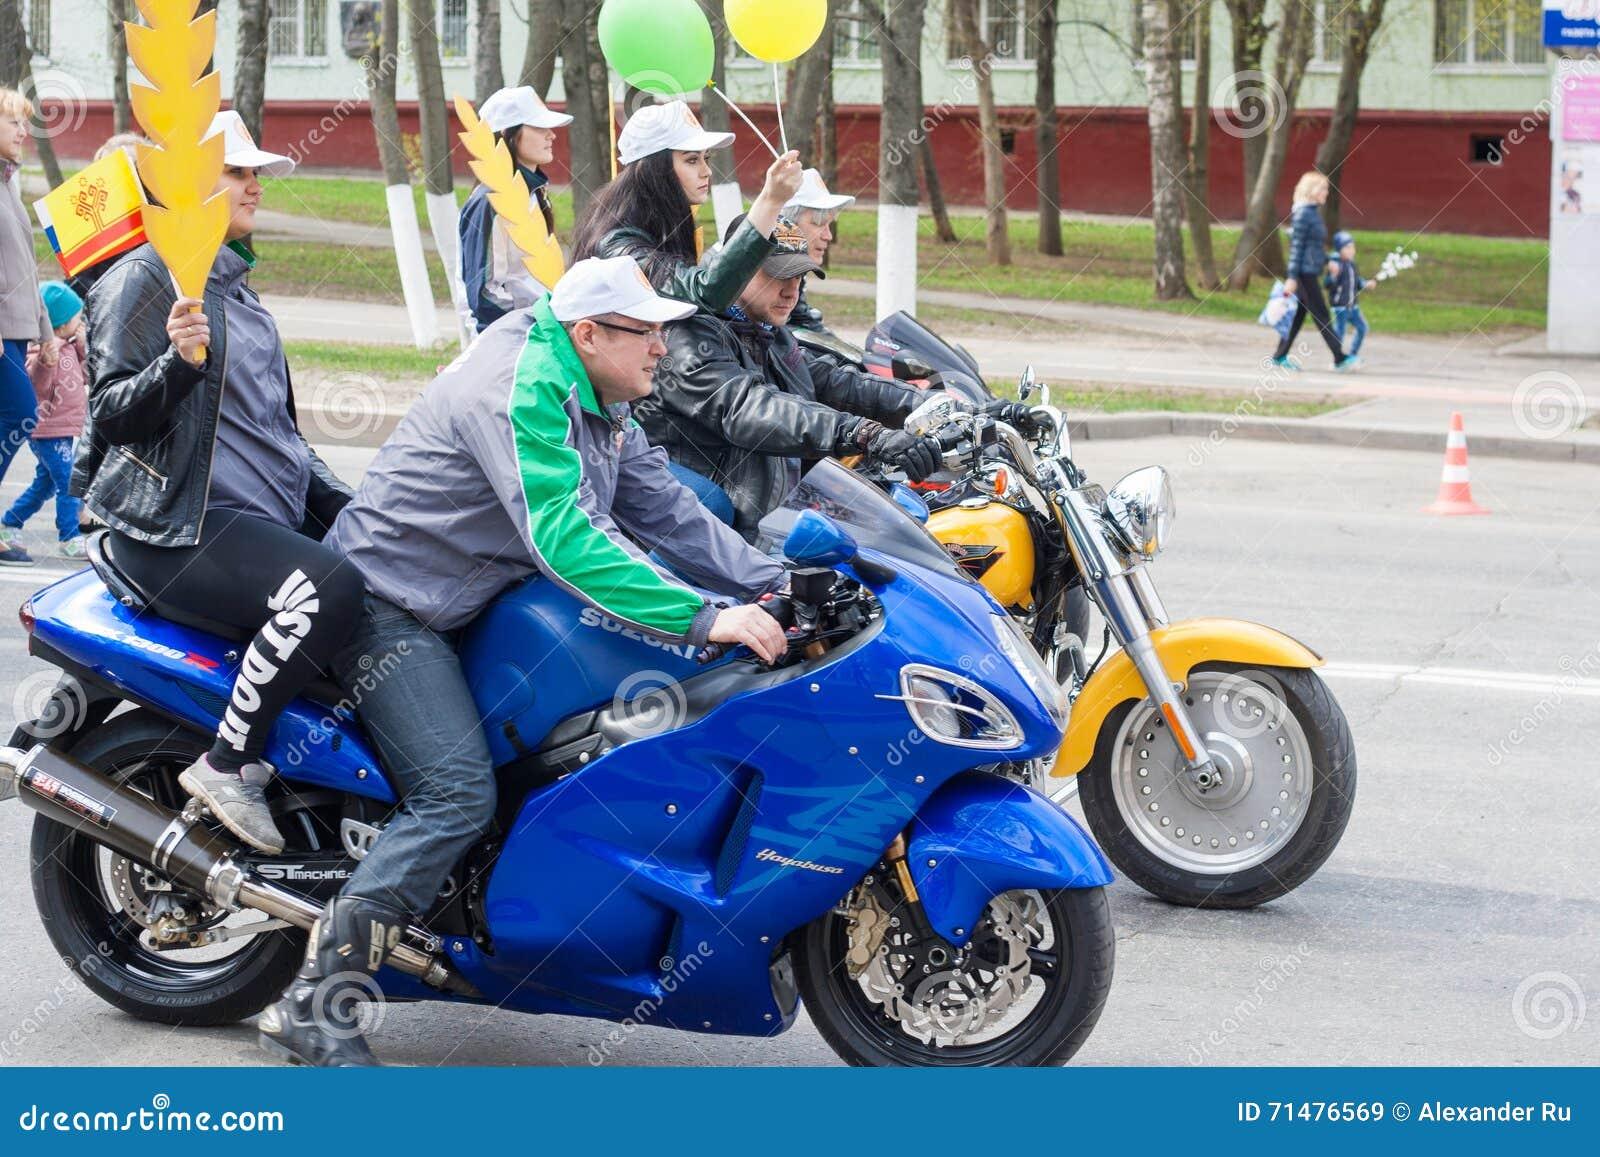 De optocht, parade 1 Mei, 2016 in de stad van Cheboksary, Chuvash Republiek, Rusland Fietsers op motorfietsen met meisjes